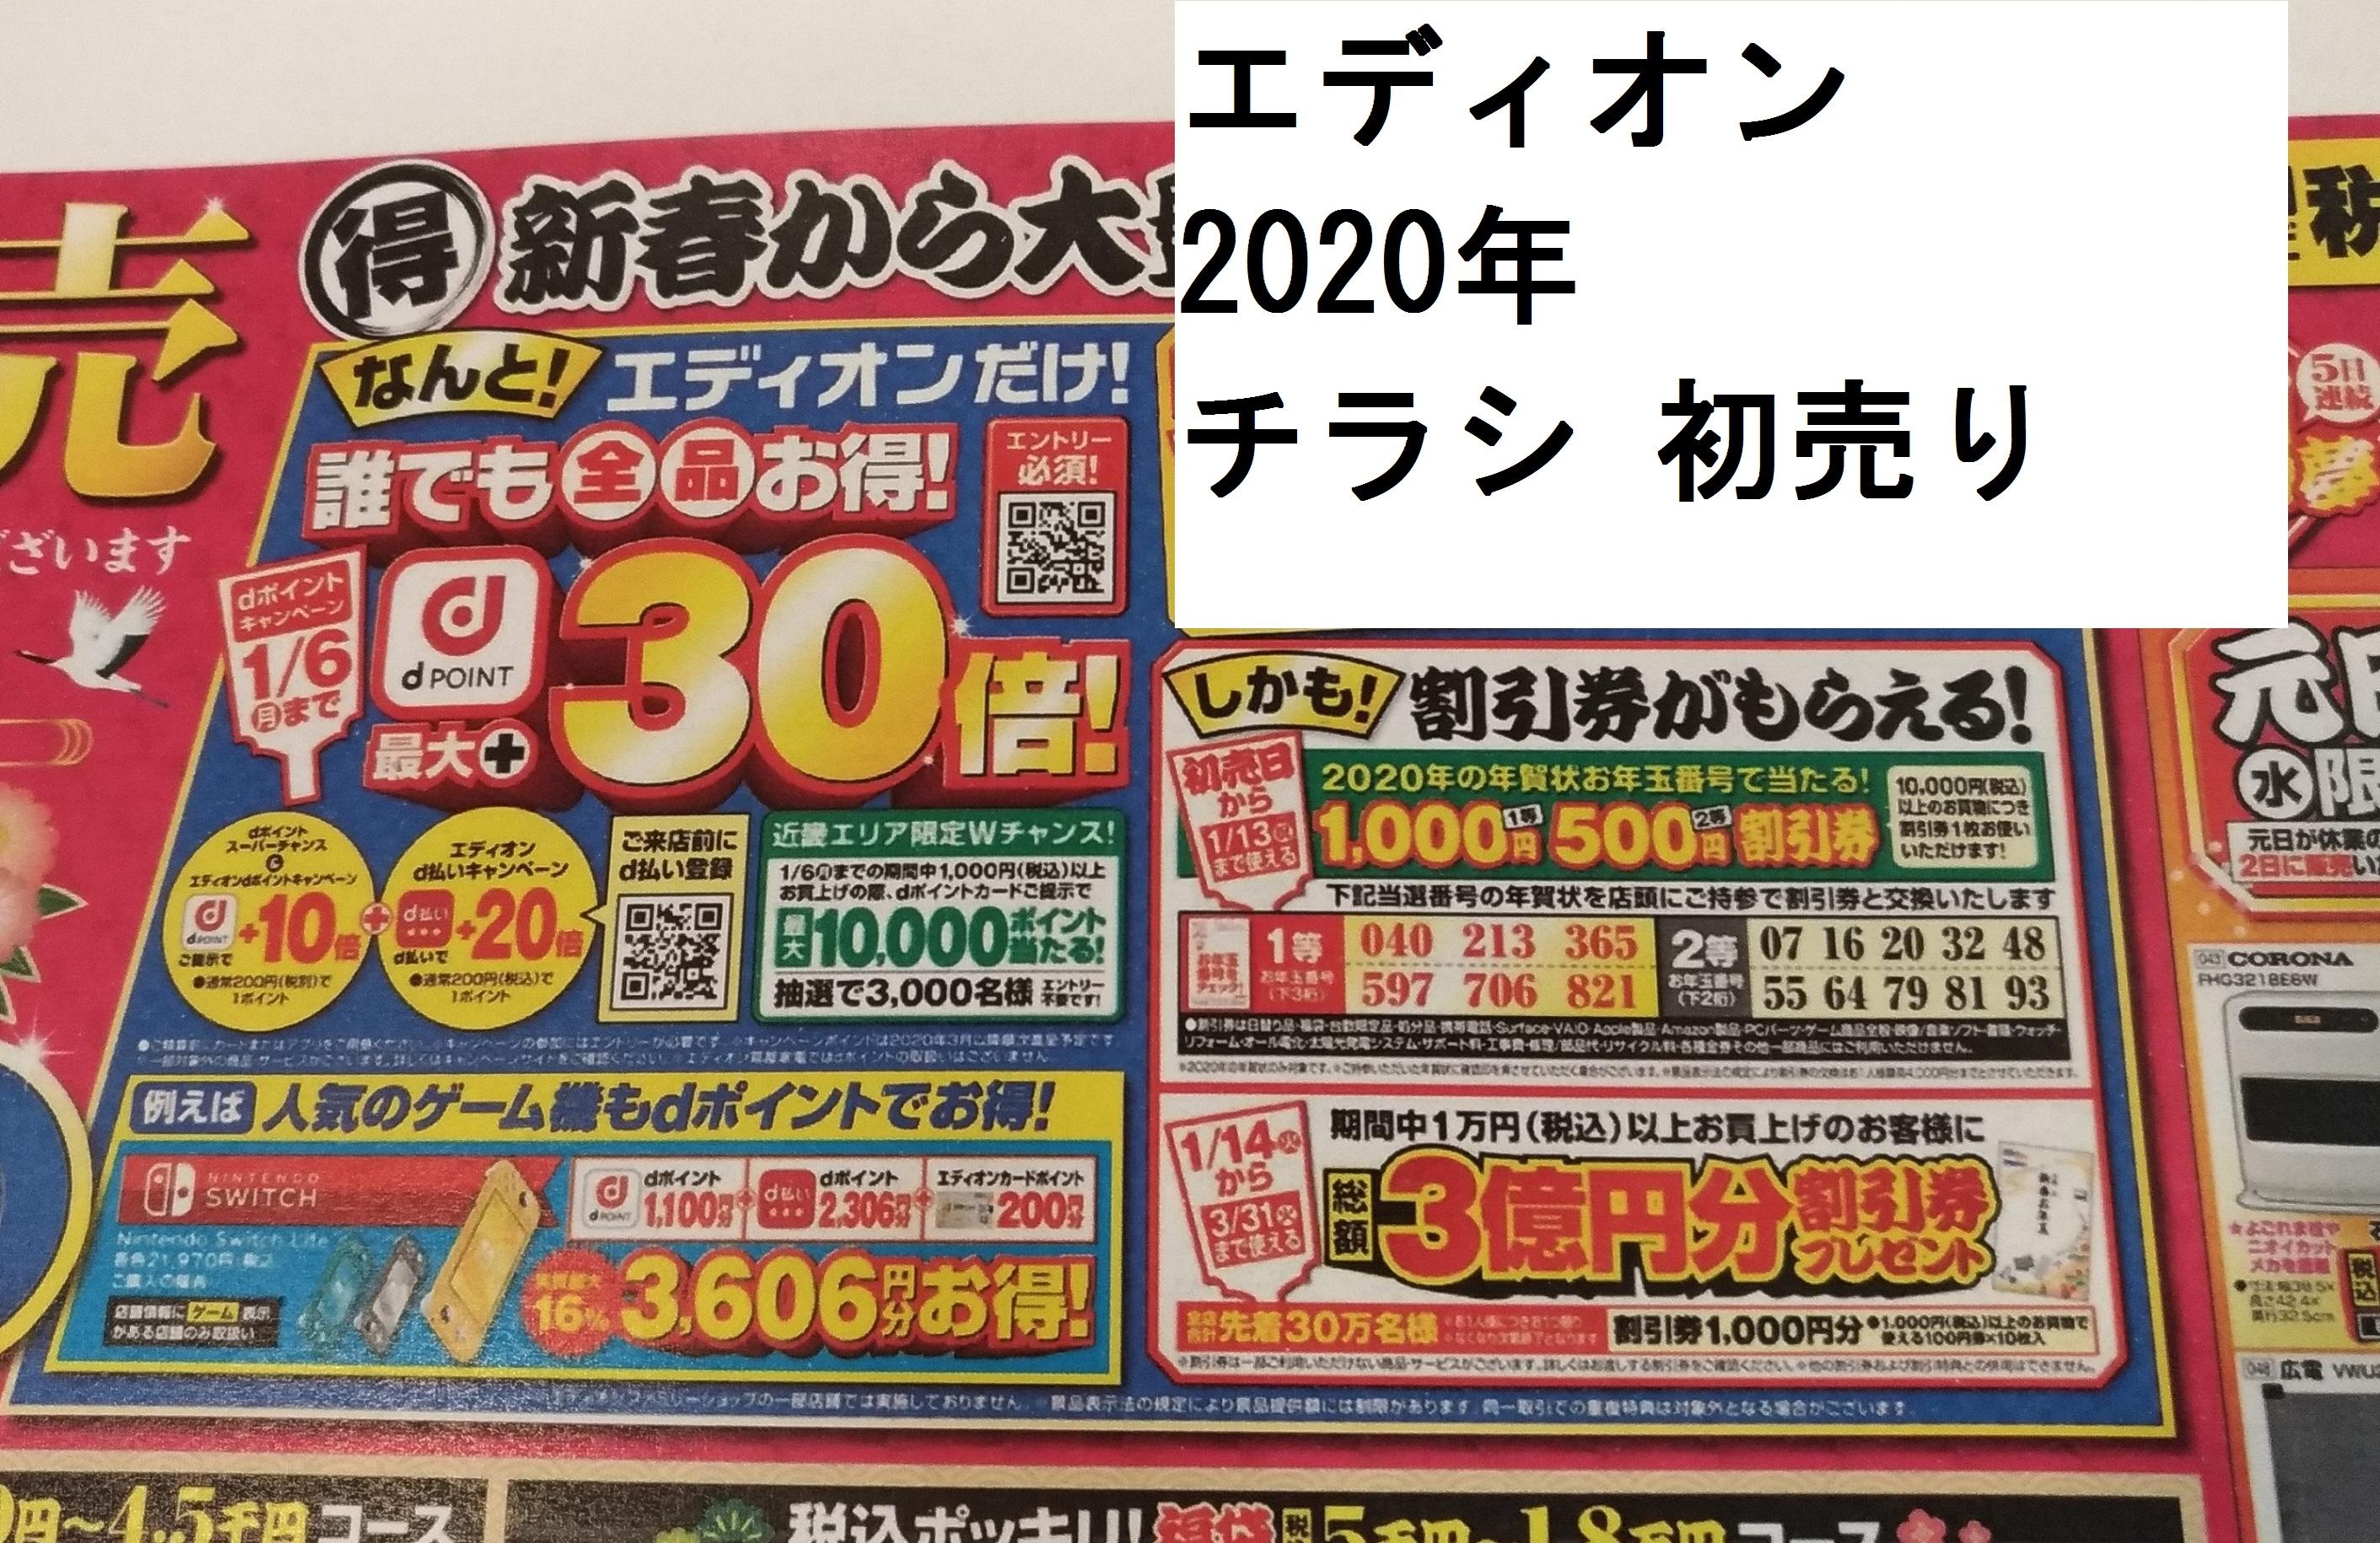 fukubukuro2020_edion.jpg